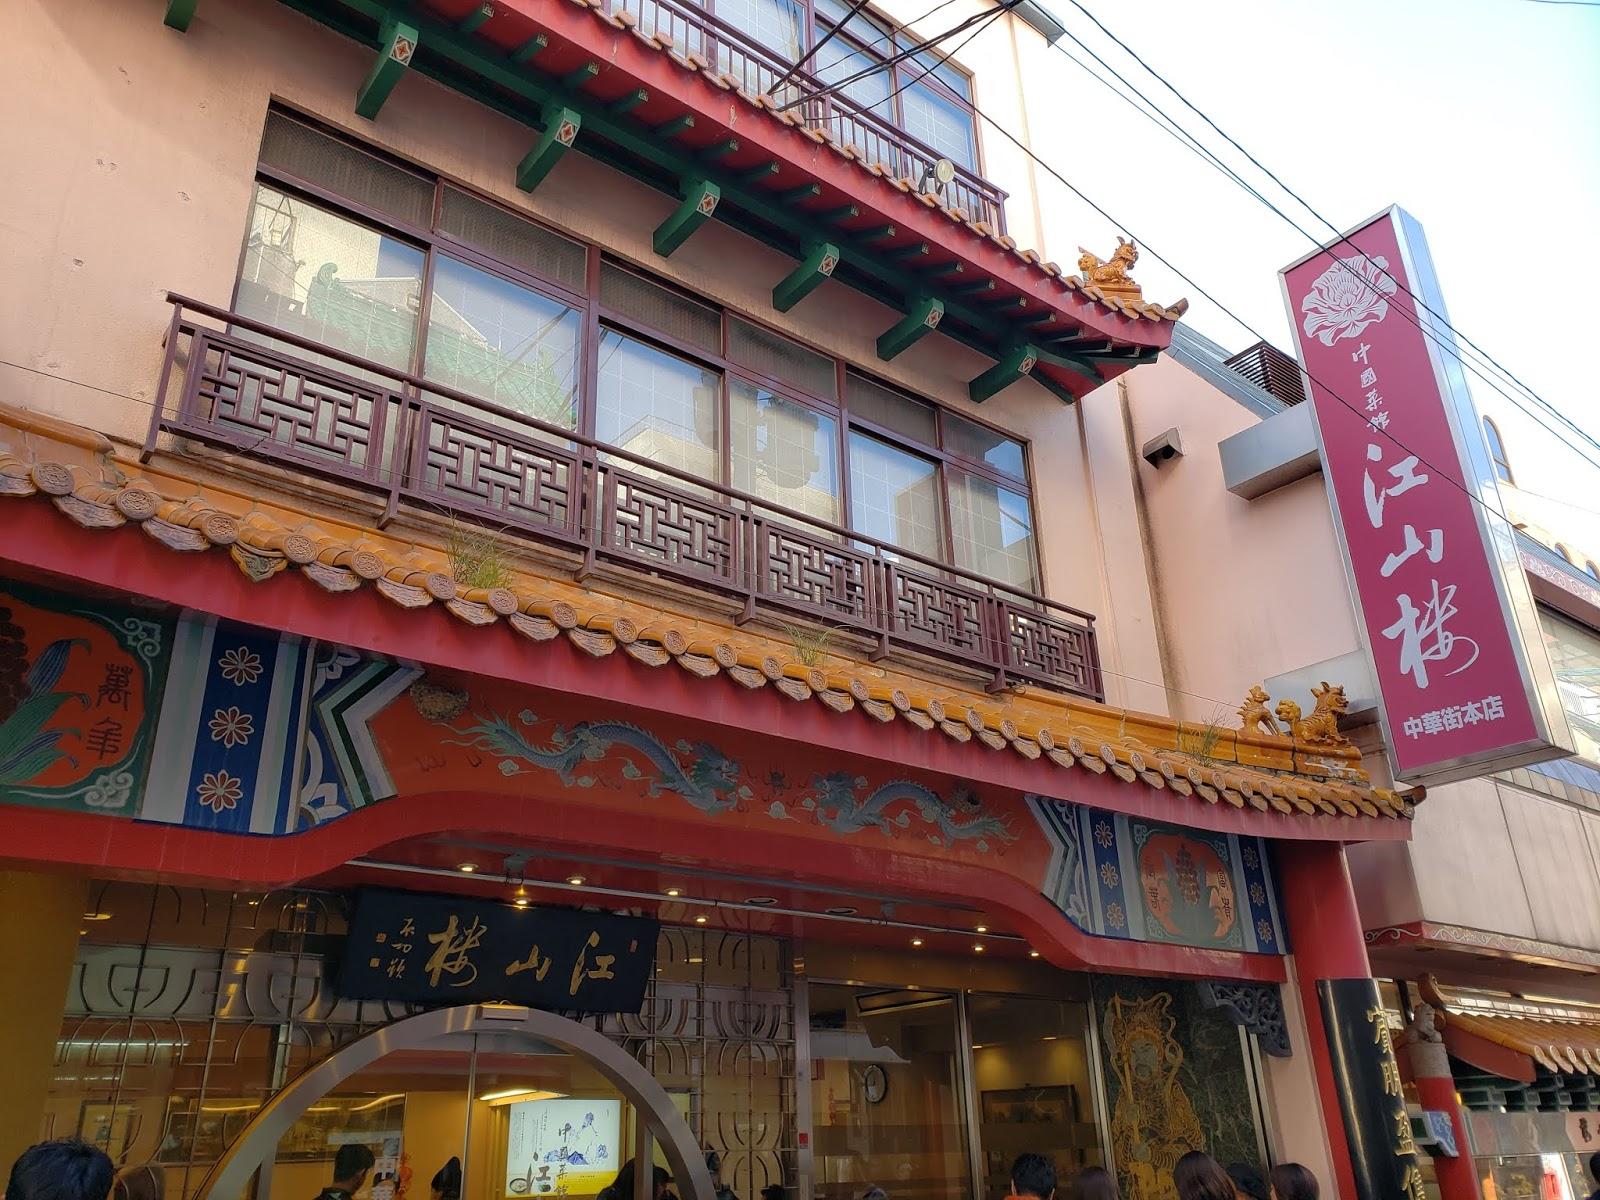 江山楼(長崎中華街本店)店